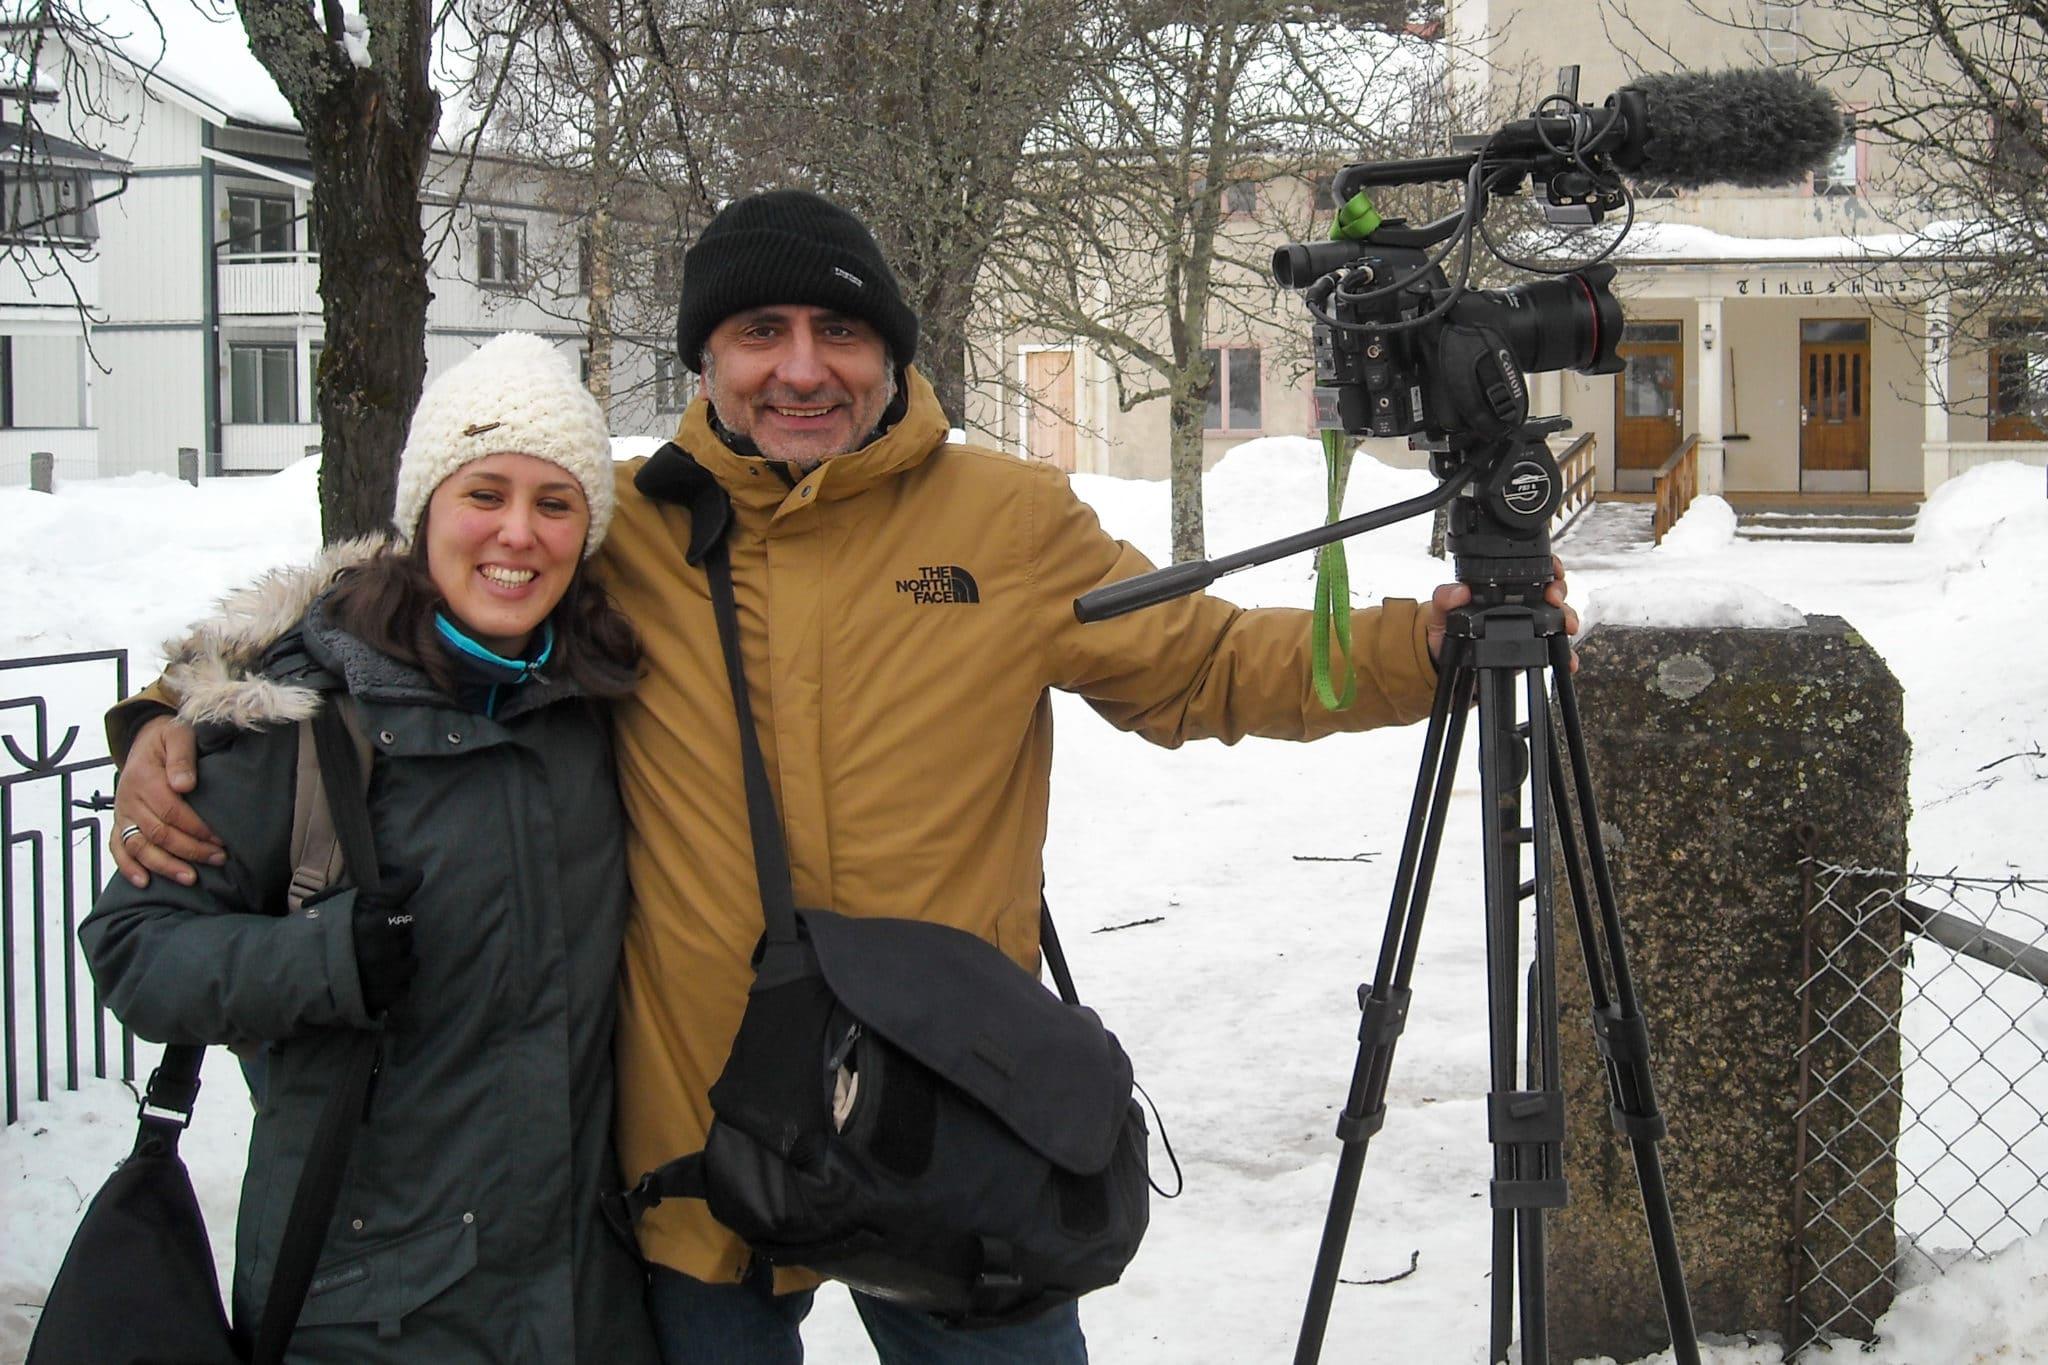 Franskt filmteam i Sveg för tv-dokumentär om Henning Mankells uppväxt och skolgång